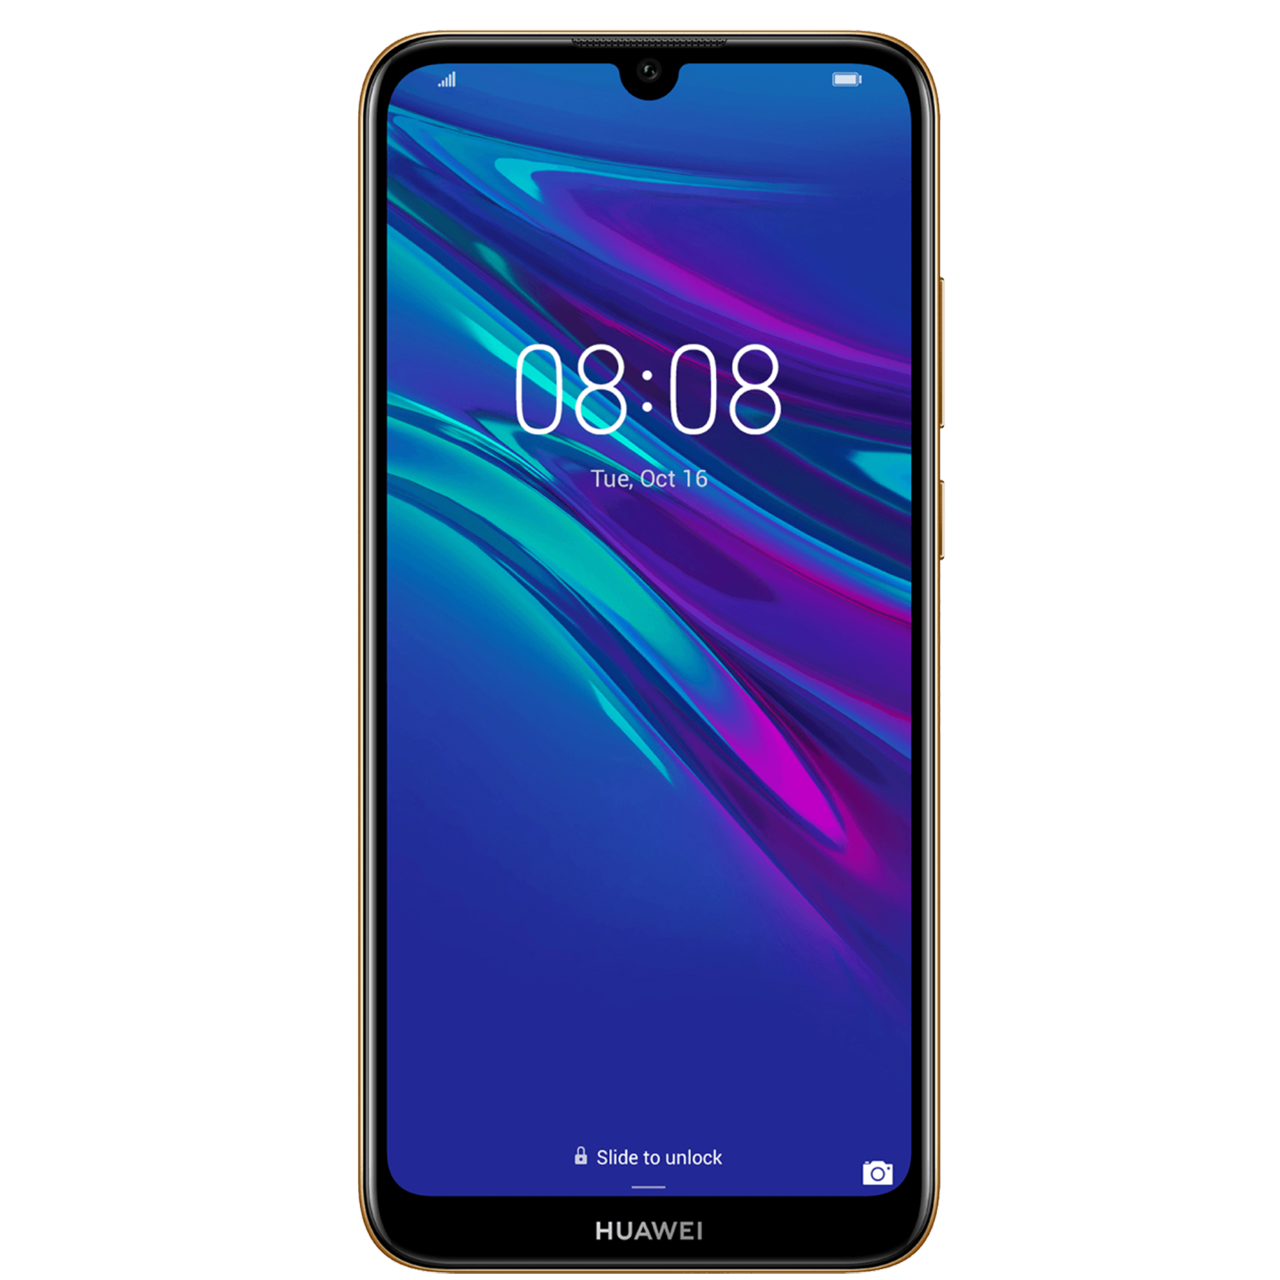 Huawei Y6 2019 Brown Cep Telefonu Fiyatı ve Özellikleri ...